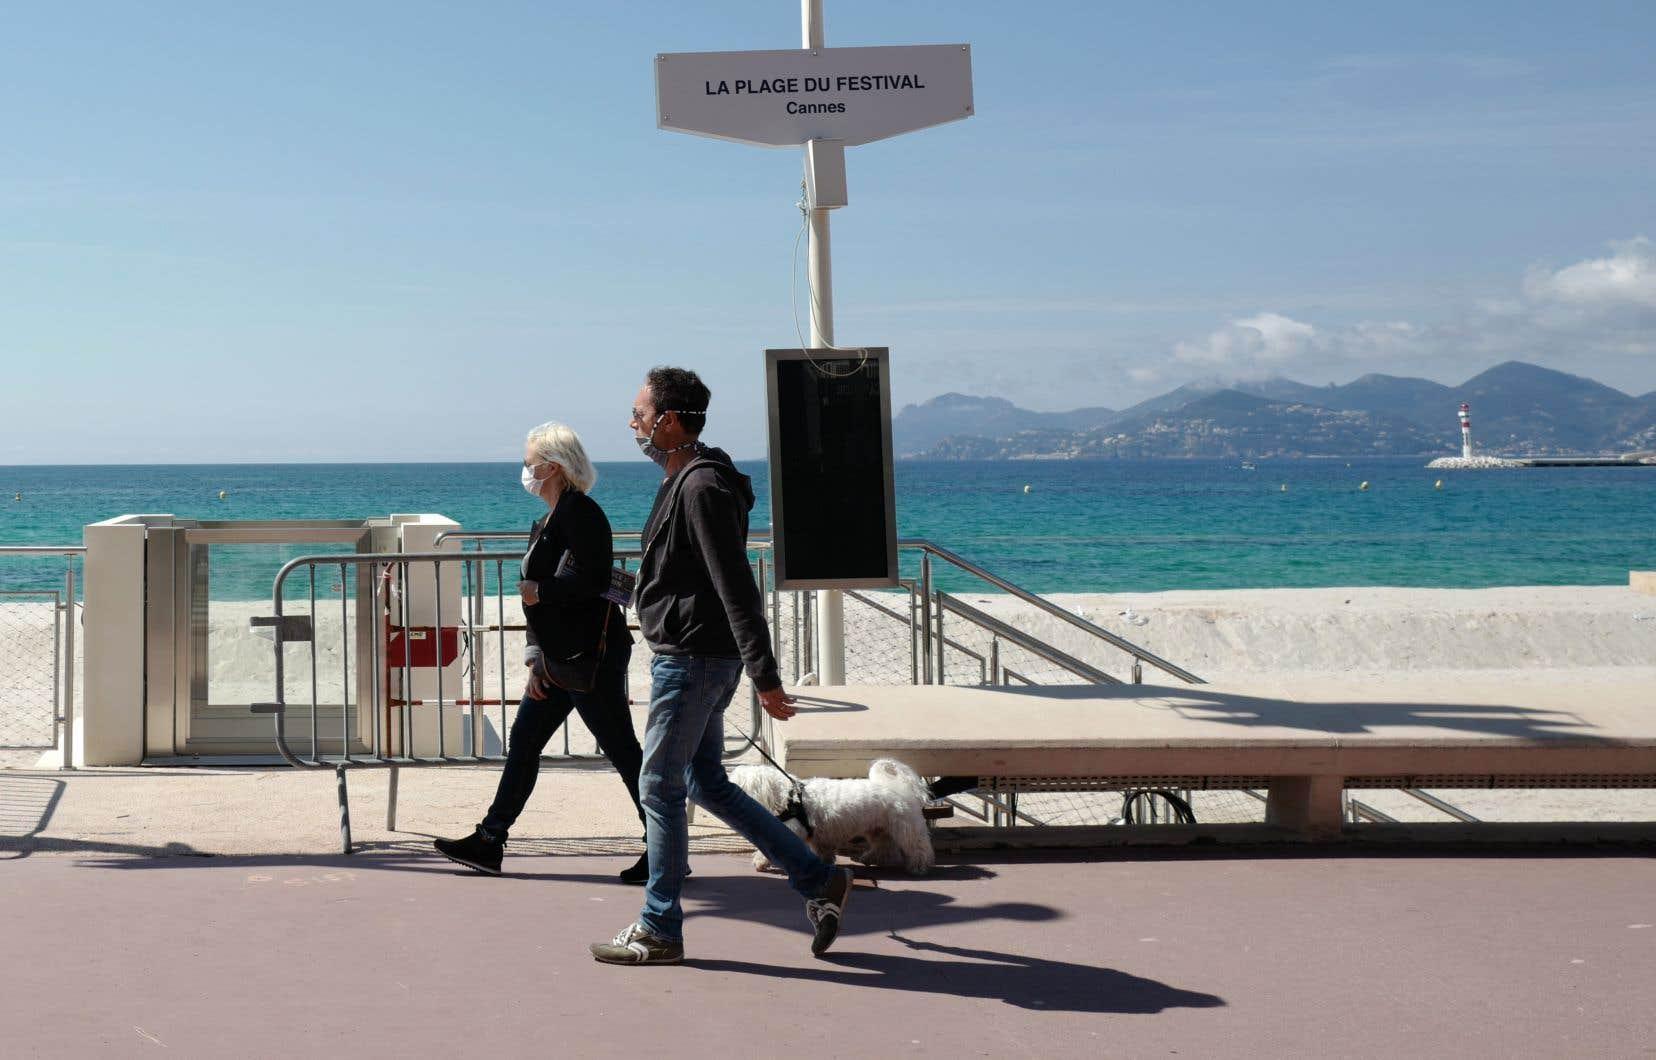 Sans son festival, Cannes doit faire une croix sur 196 millions d'euros de retombées économiques.